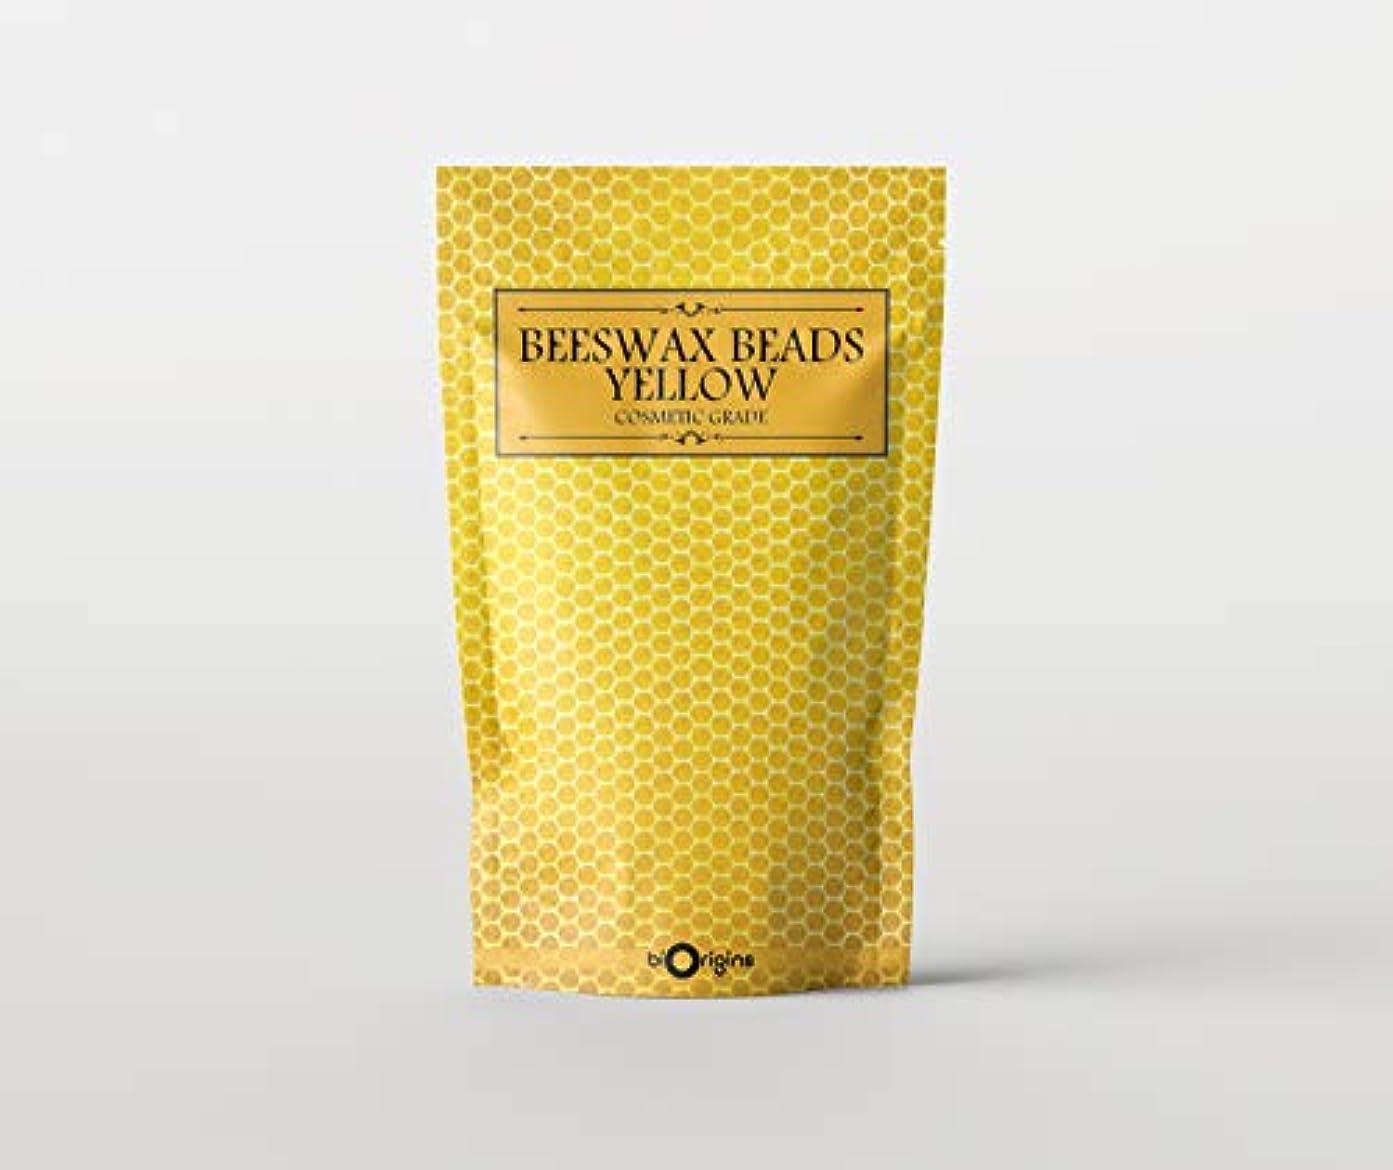 エンジニア扱う召喚するBeeswax Beads Yellow - Cosmetic Grade - 500g